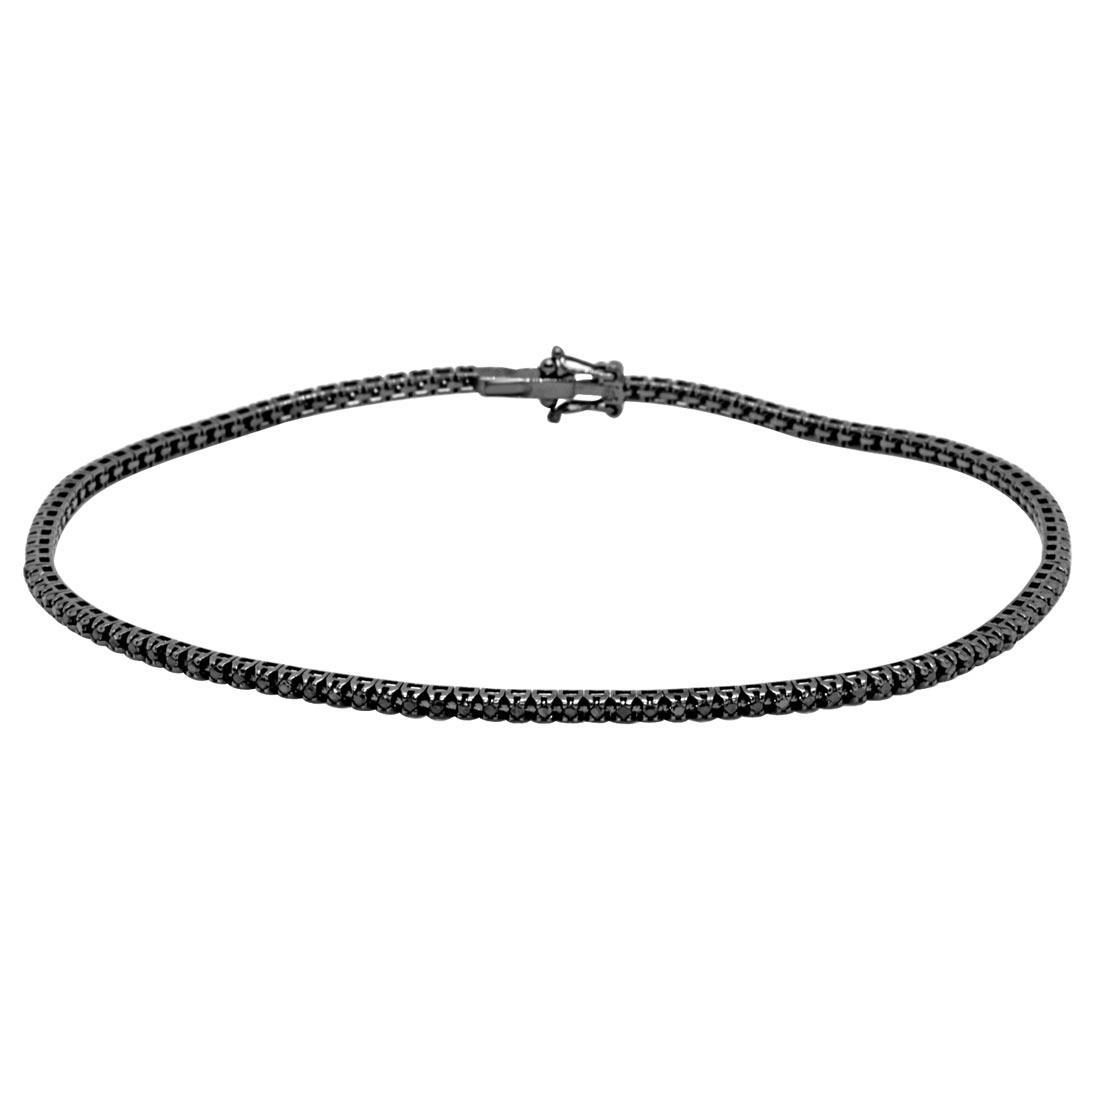 Bracciale tennis in oro nero 9kt con diamanti neri 0,90 ct mis 22 cm - ORO&CO